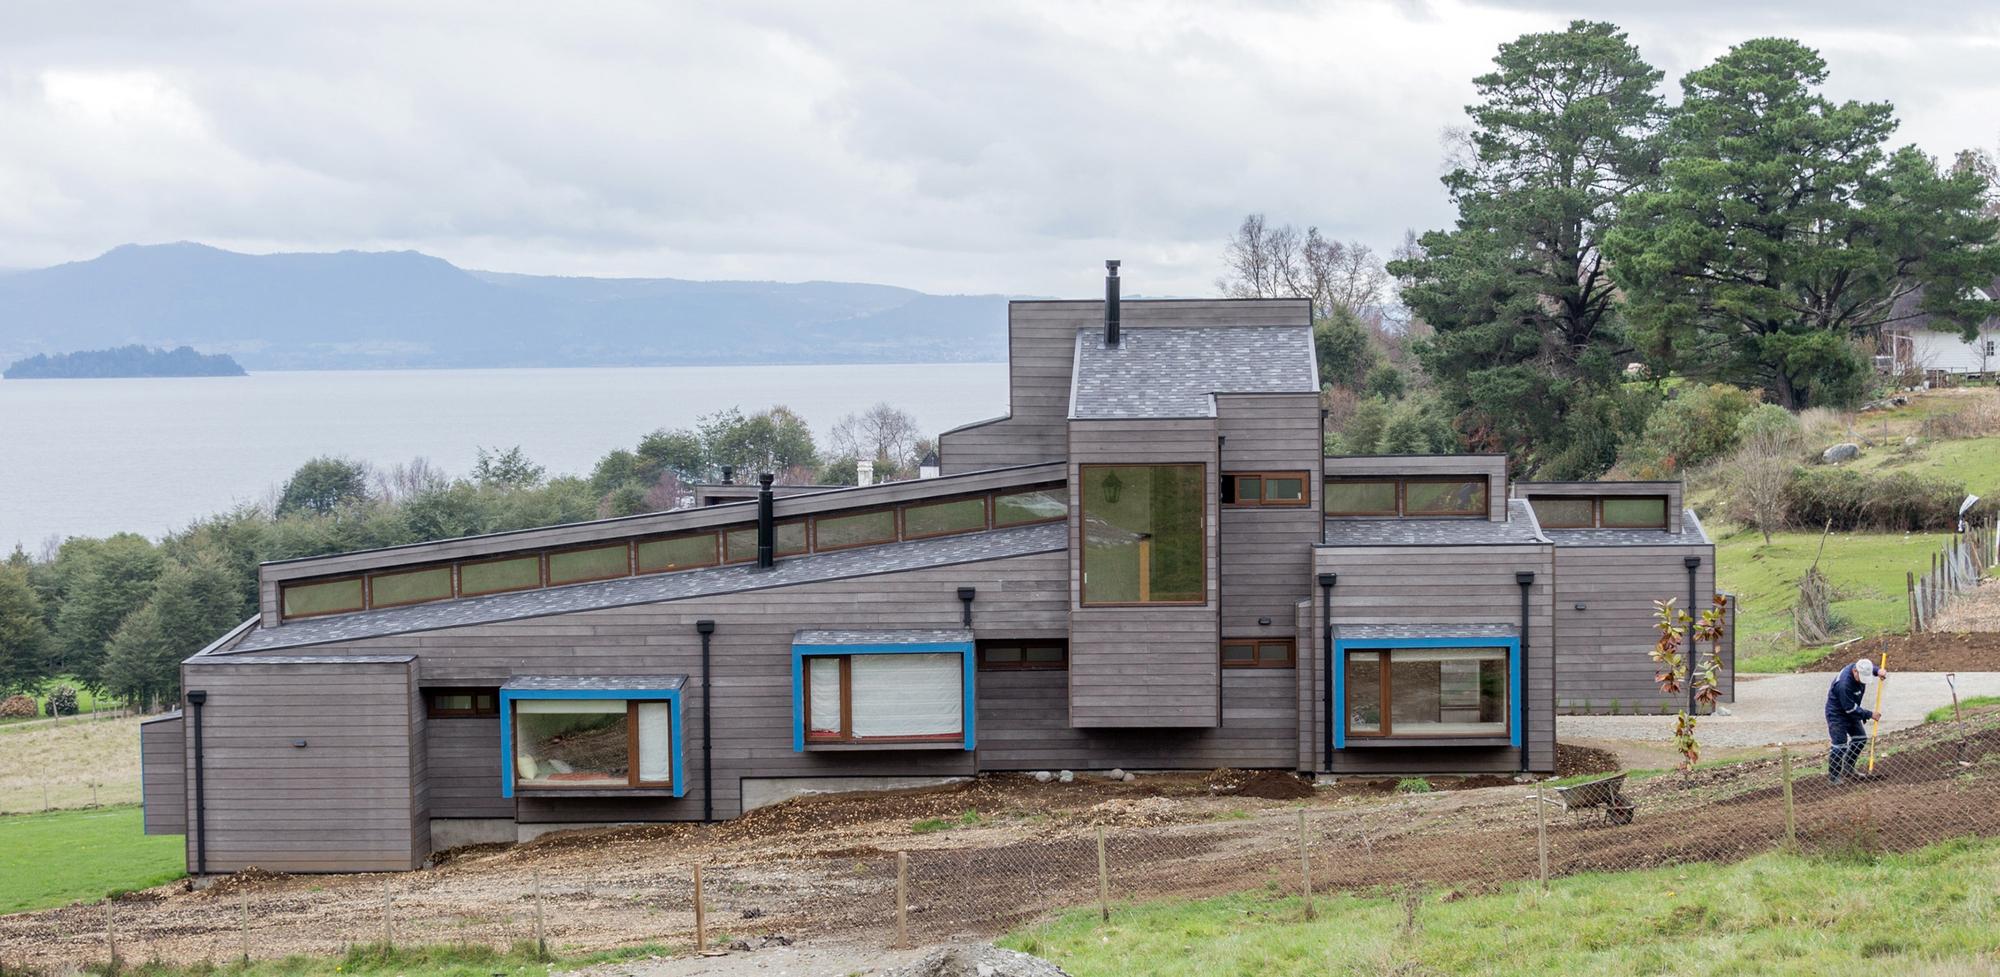 Casa lago ranco claro westendarp arquitectos for Casa de arquitectos